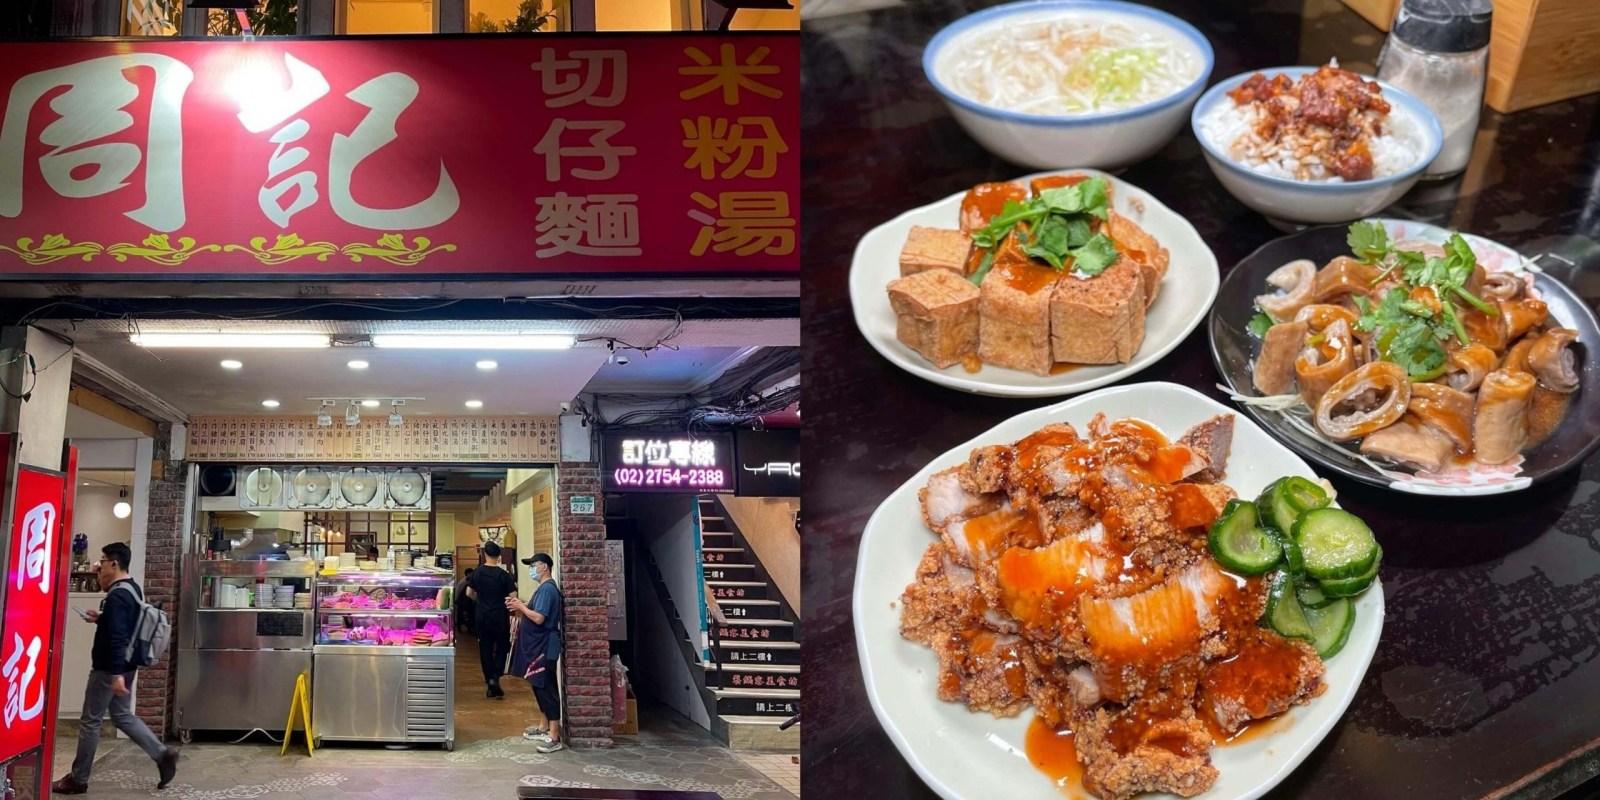 [台北美食] 周記米粉湯 - 美味的米粉湯搭配一整桌的小菜最滿足!